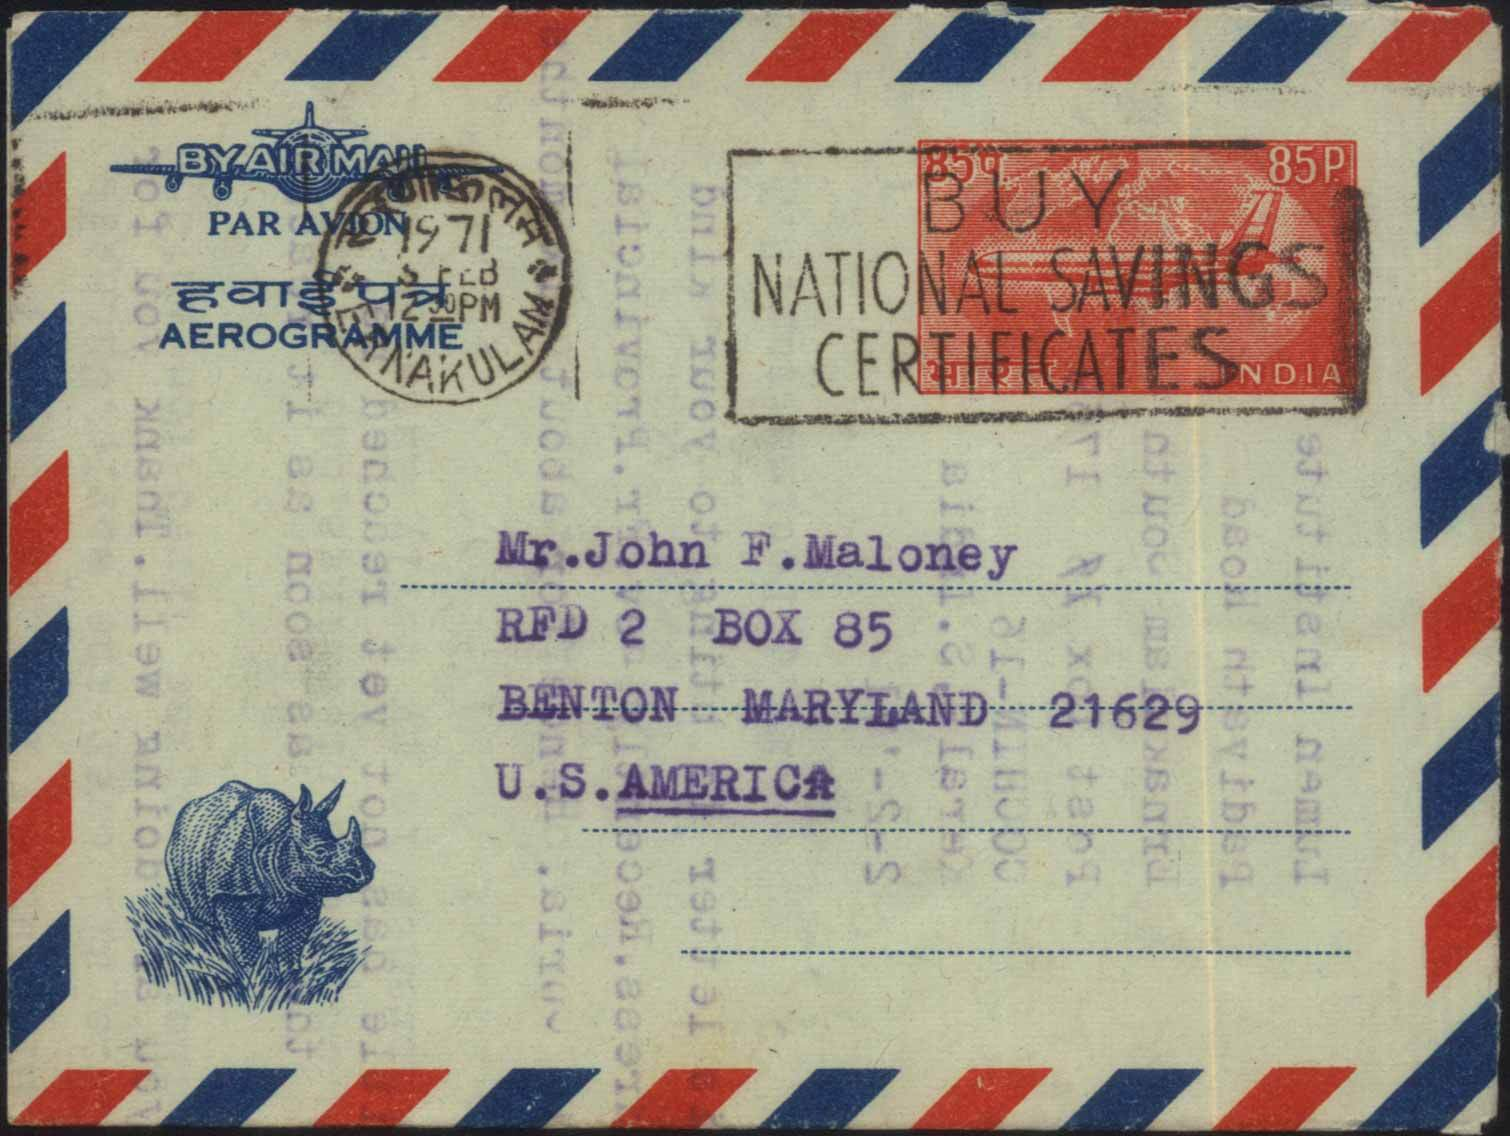 JA-YJ3 индия 1970 почта простой изображенный носорог почта капитал изображенный самолет реальный послать сша